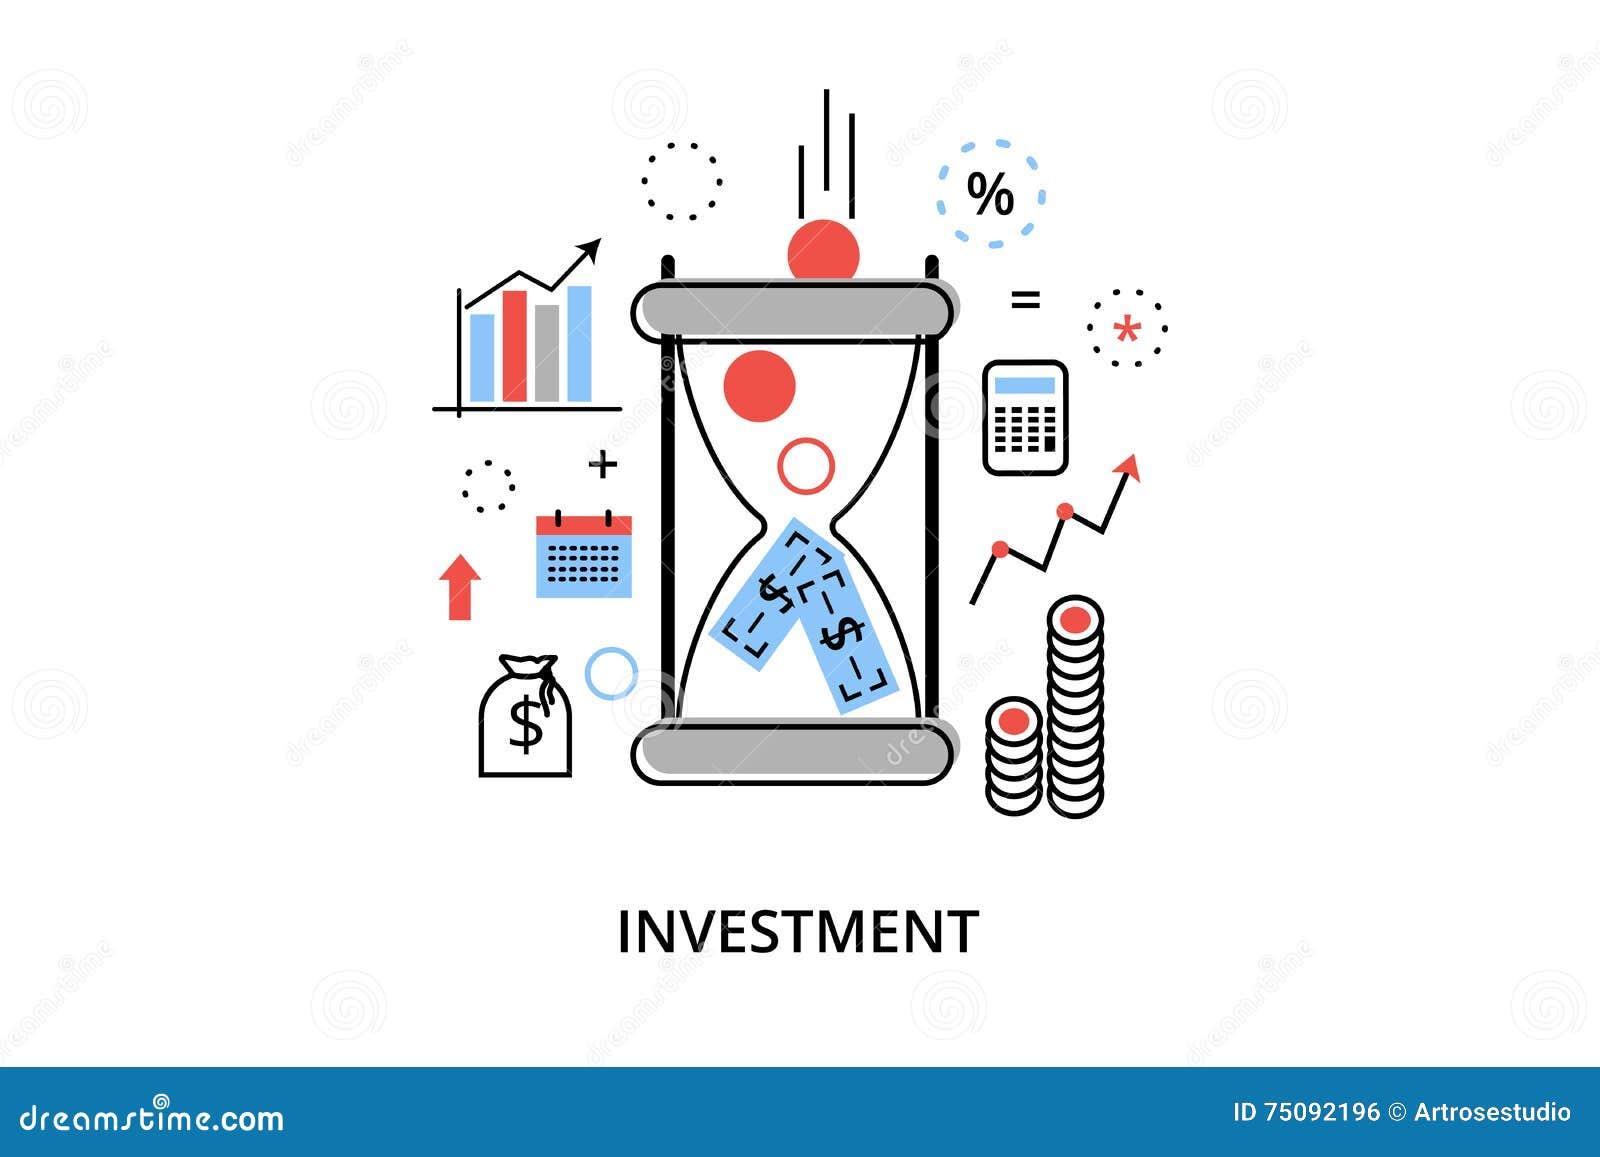 De moderne vlakke dunne vectorillustratie van het lijnontwerp, infographic concept met pictogrammen van het investeren aan zaken